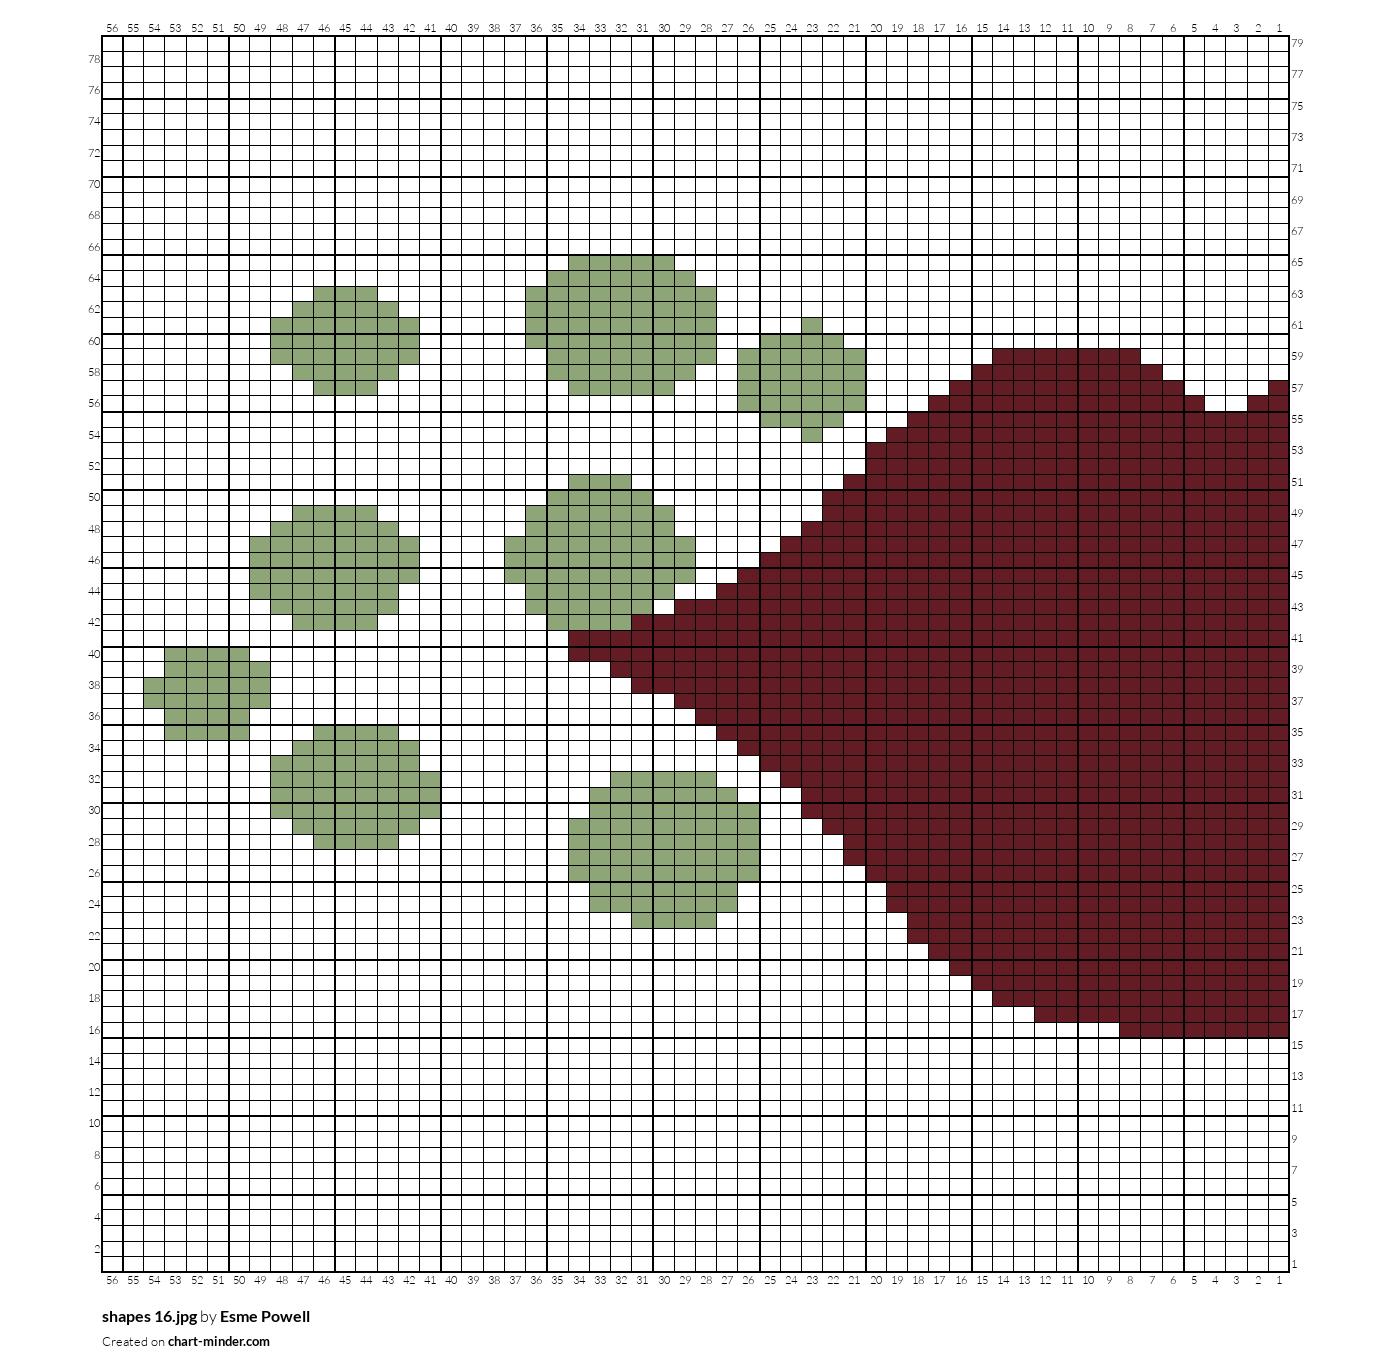 shapes 16.jpg